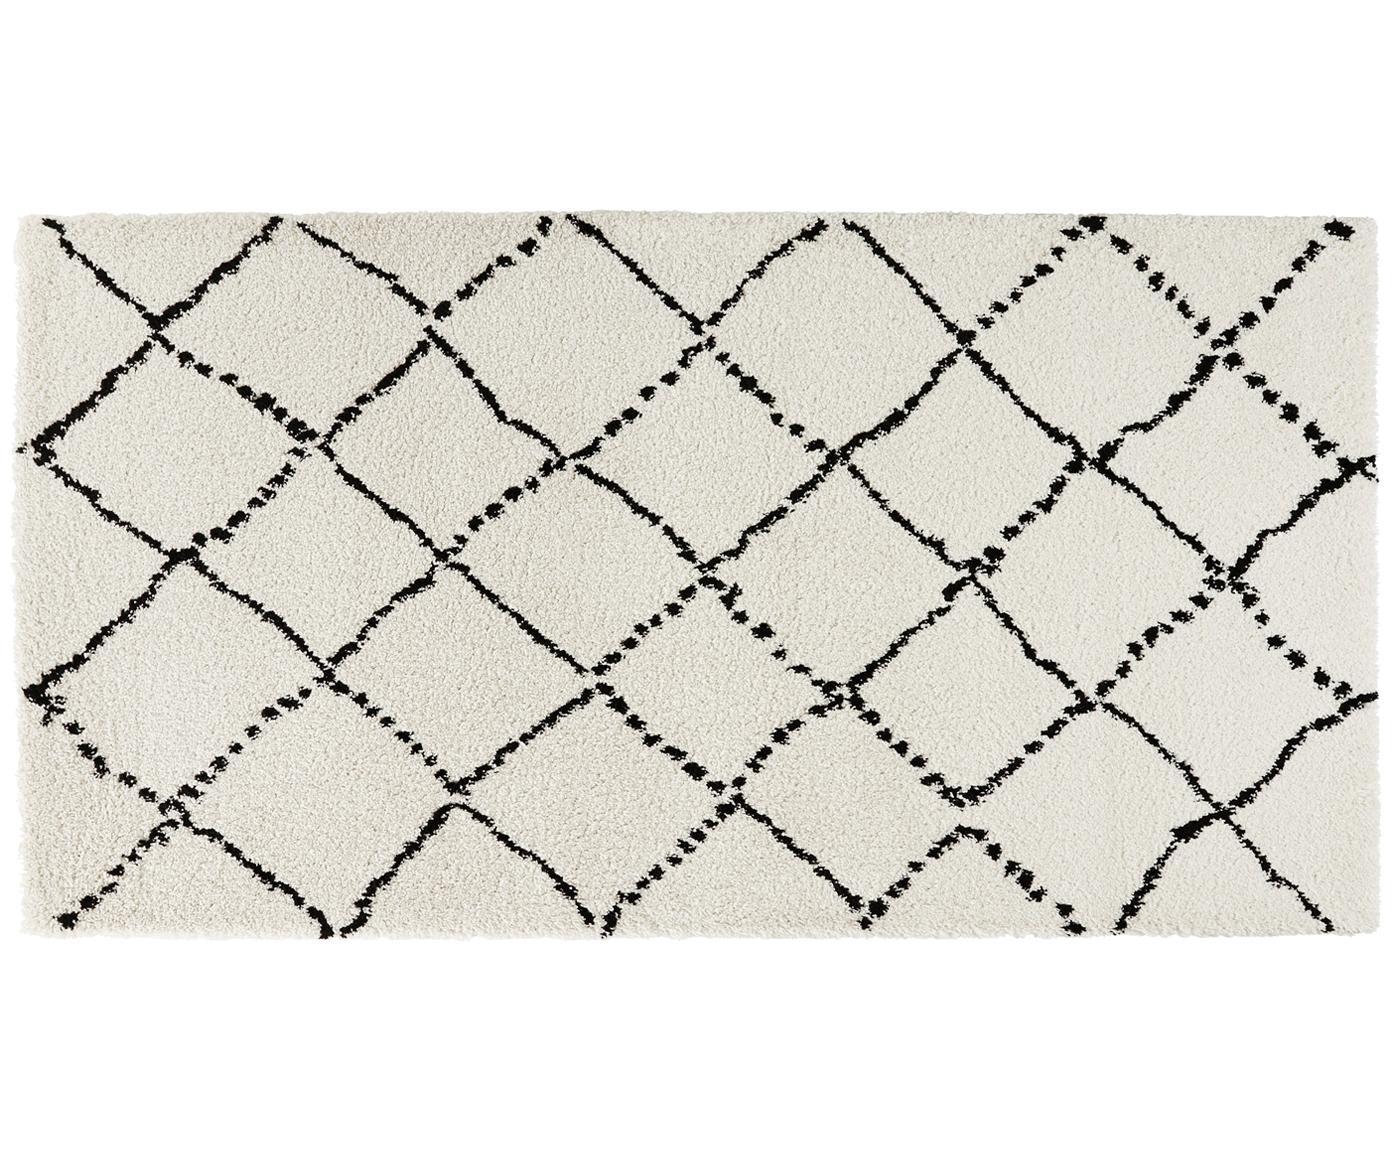 Tappeto soffice in crema e nero Hash, Retro: iuta, Color crema, nero, L 150 x P 80 cm